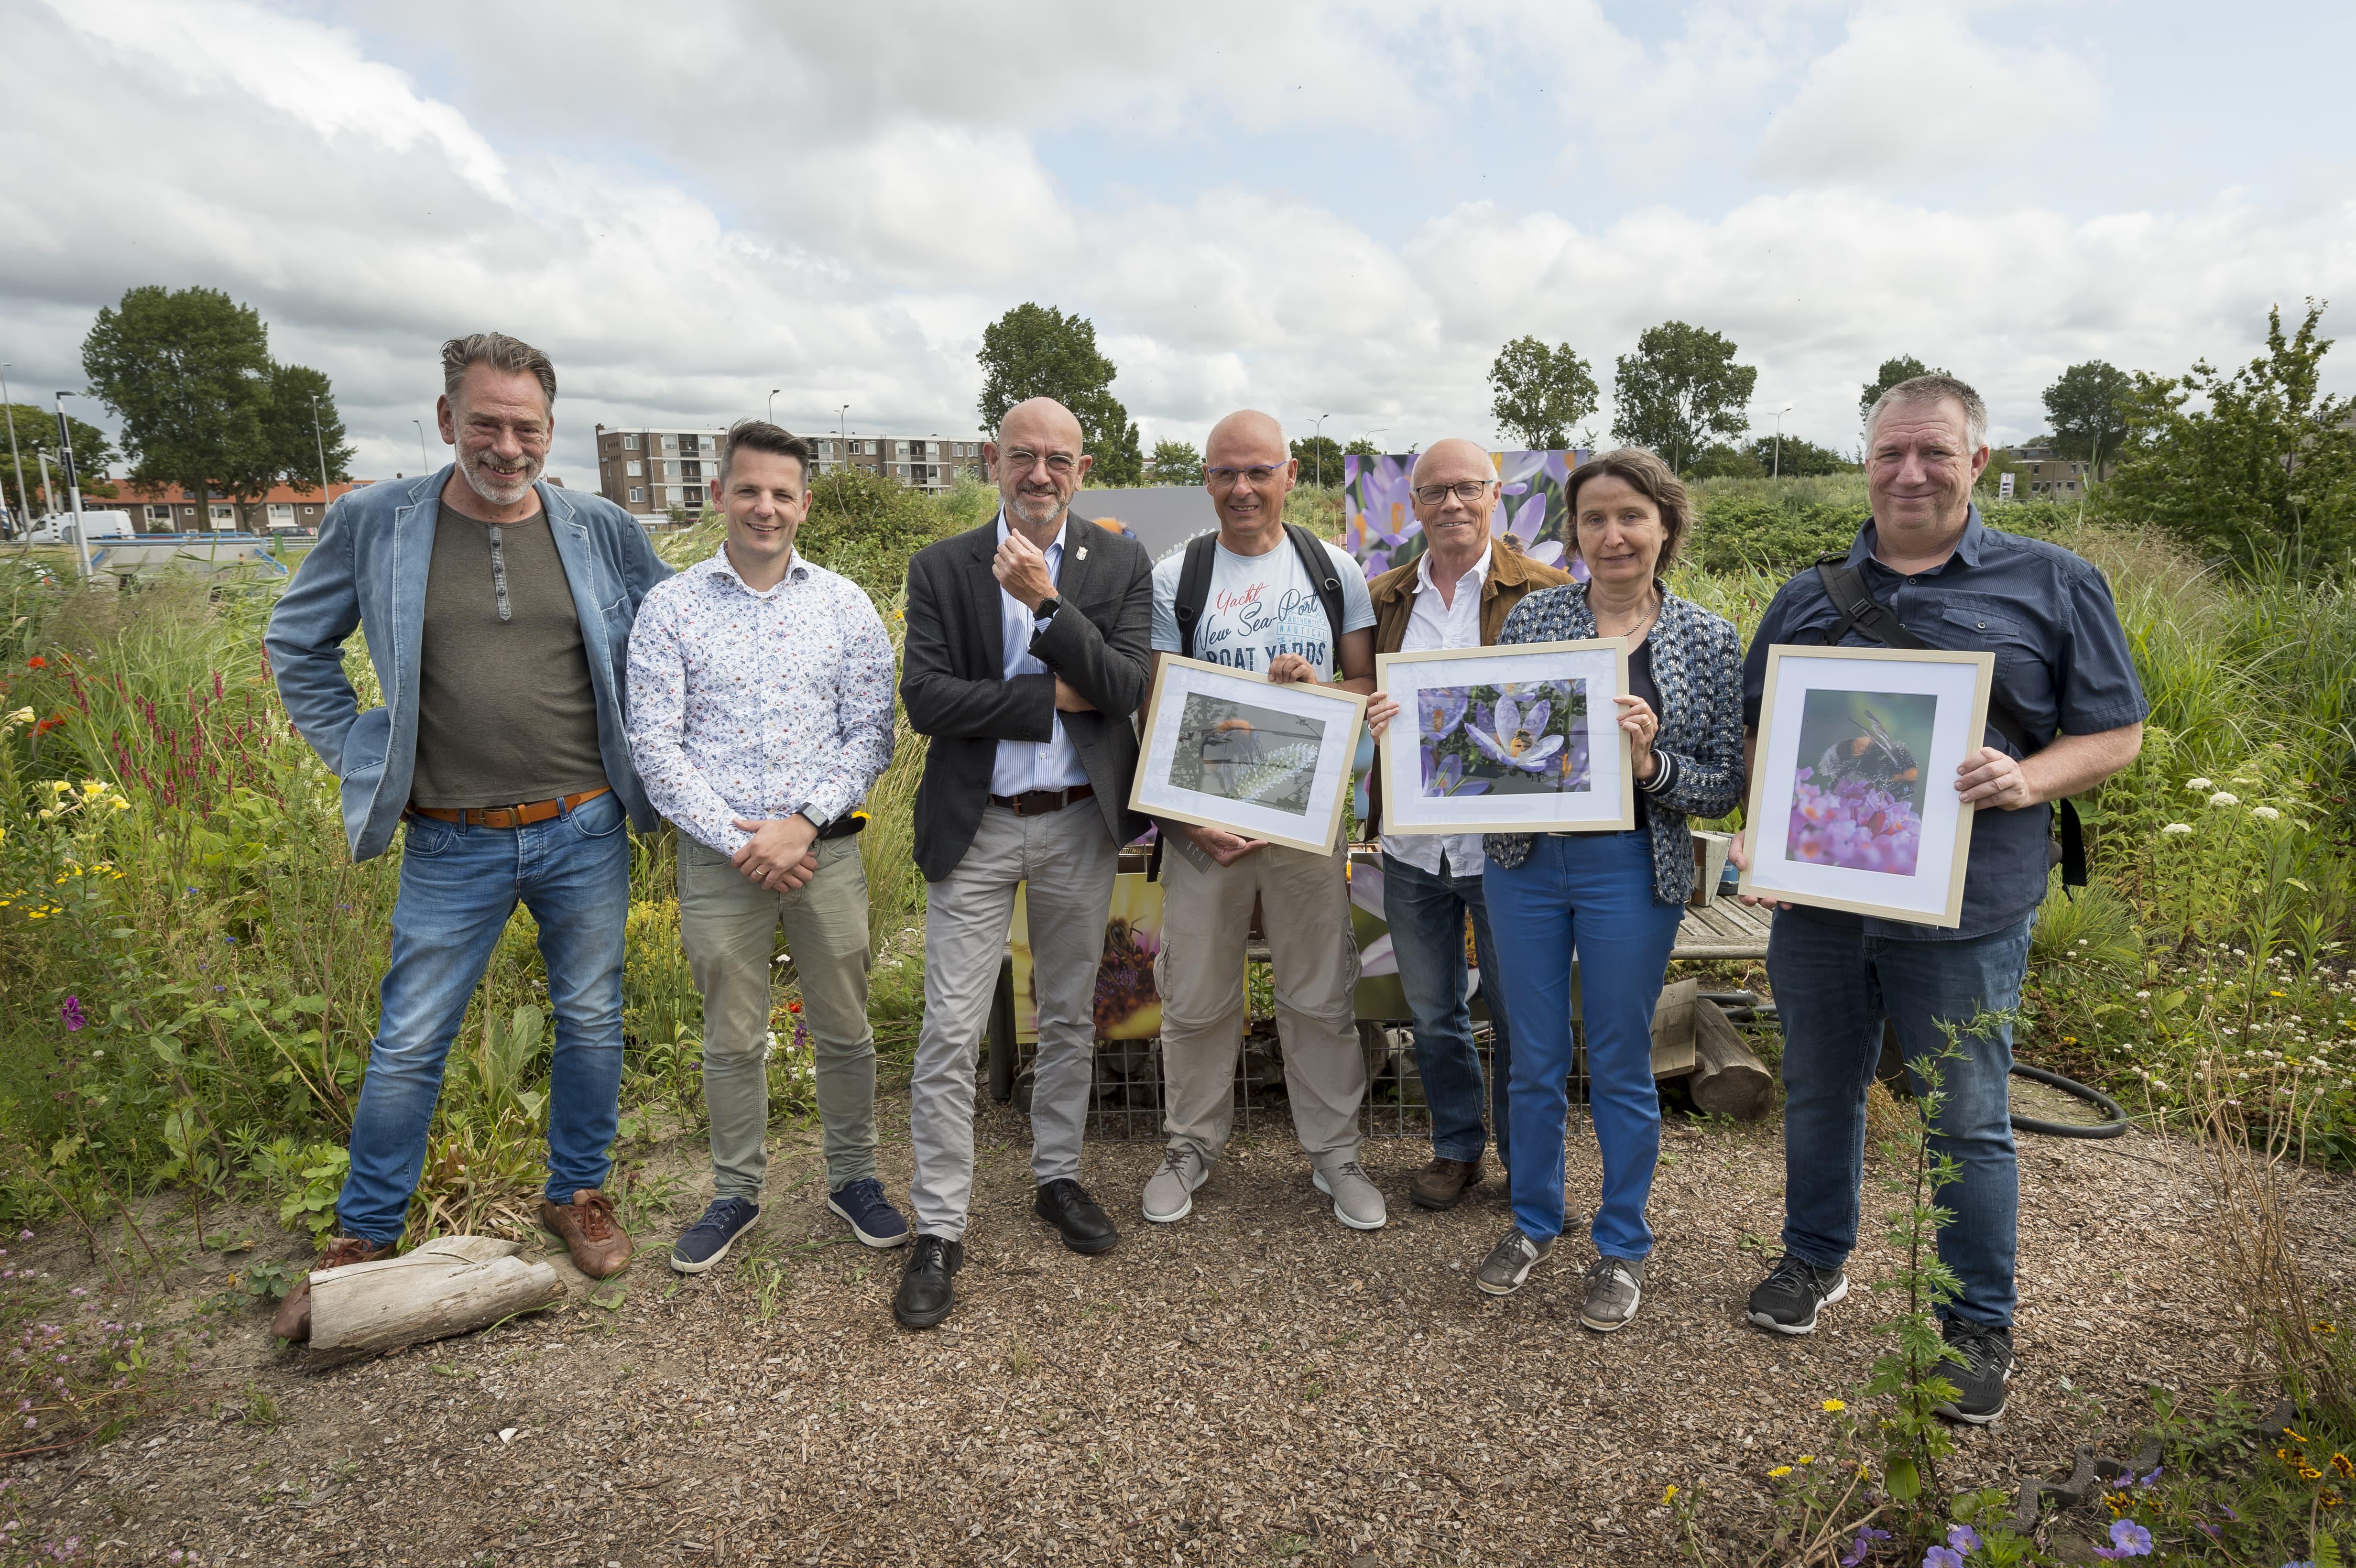 Uitslag fotowedstrijd Groene Cirkel Bijenlandschap 2019